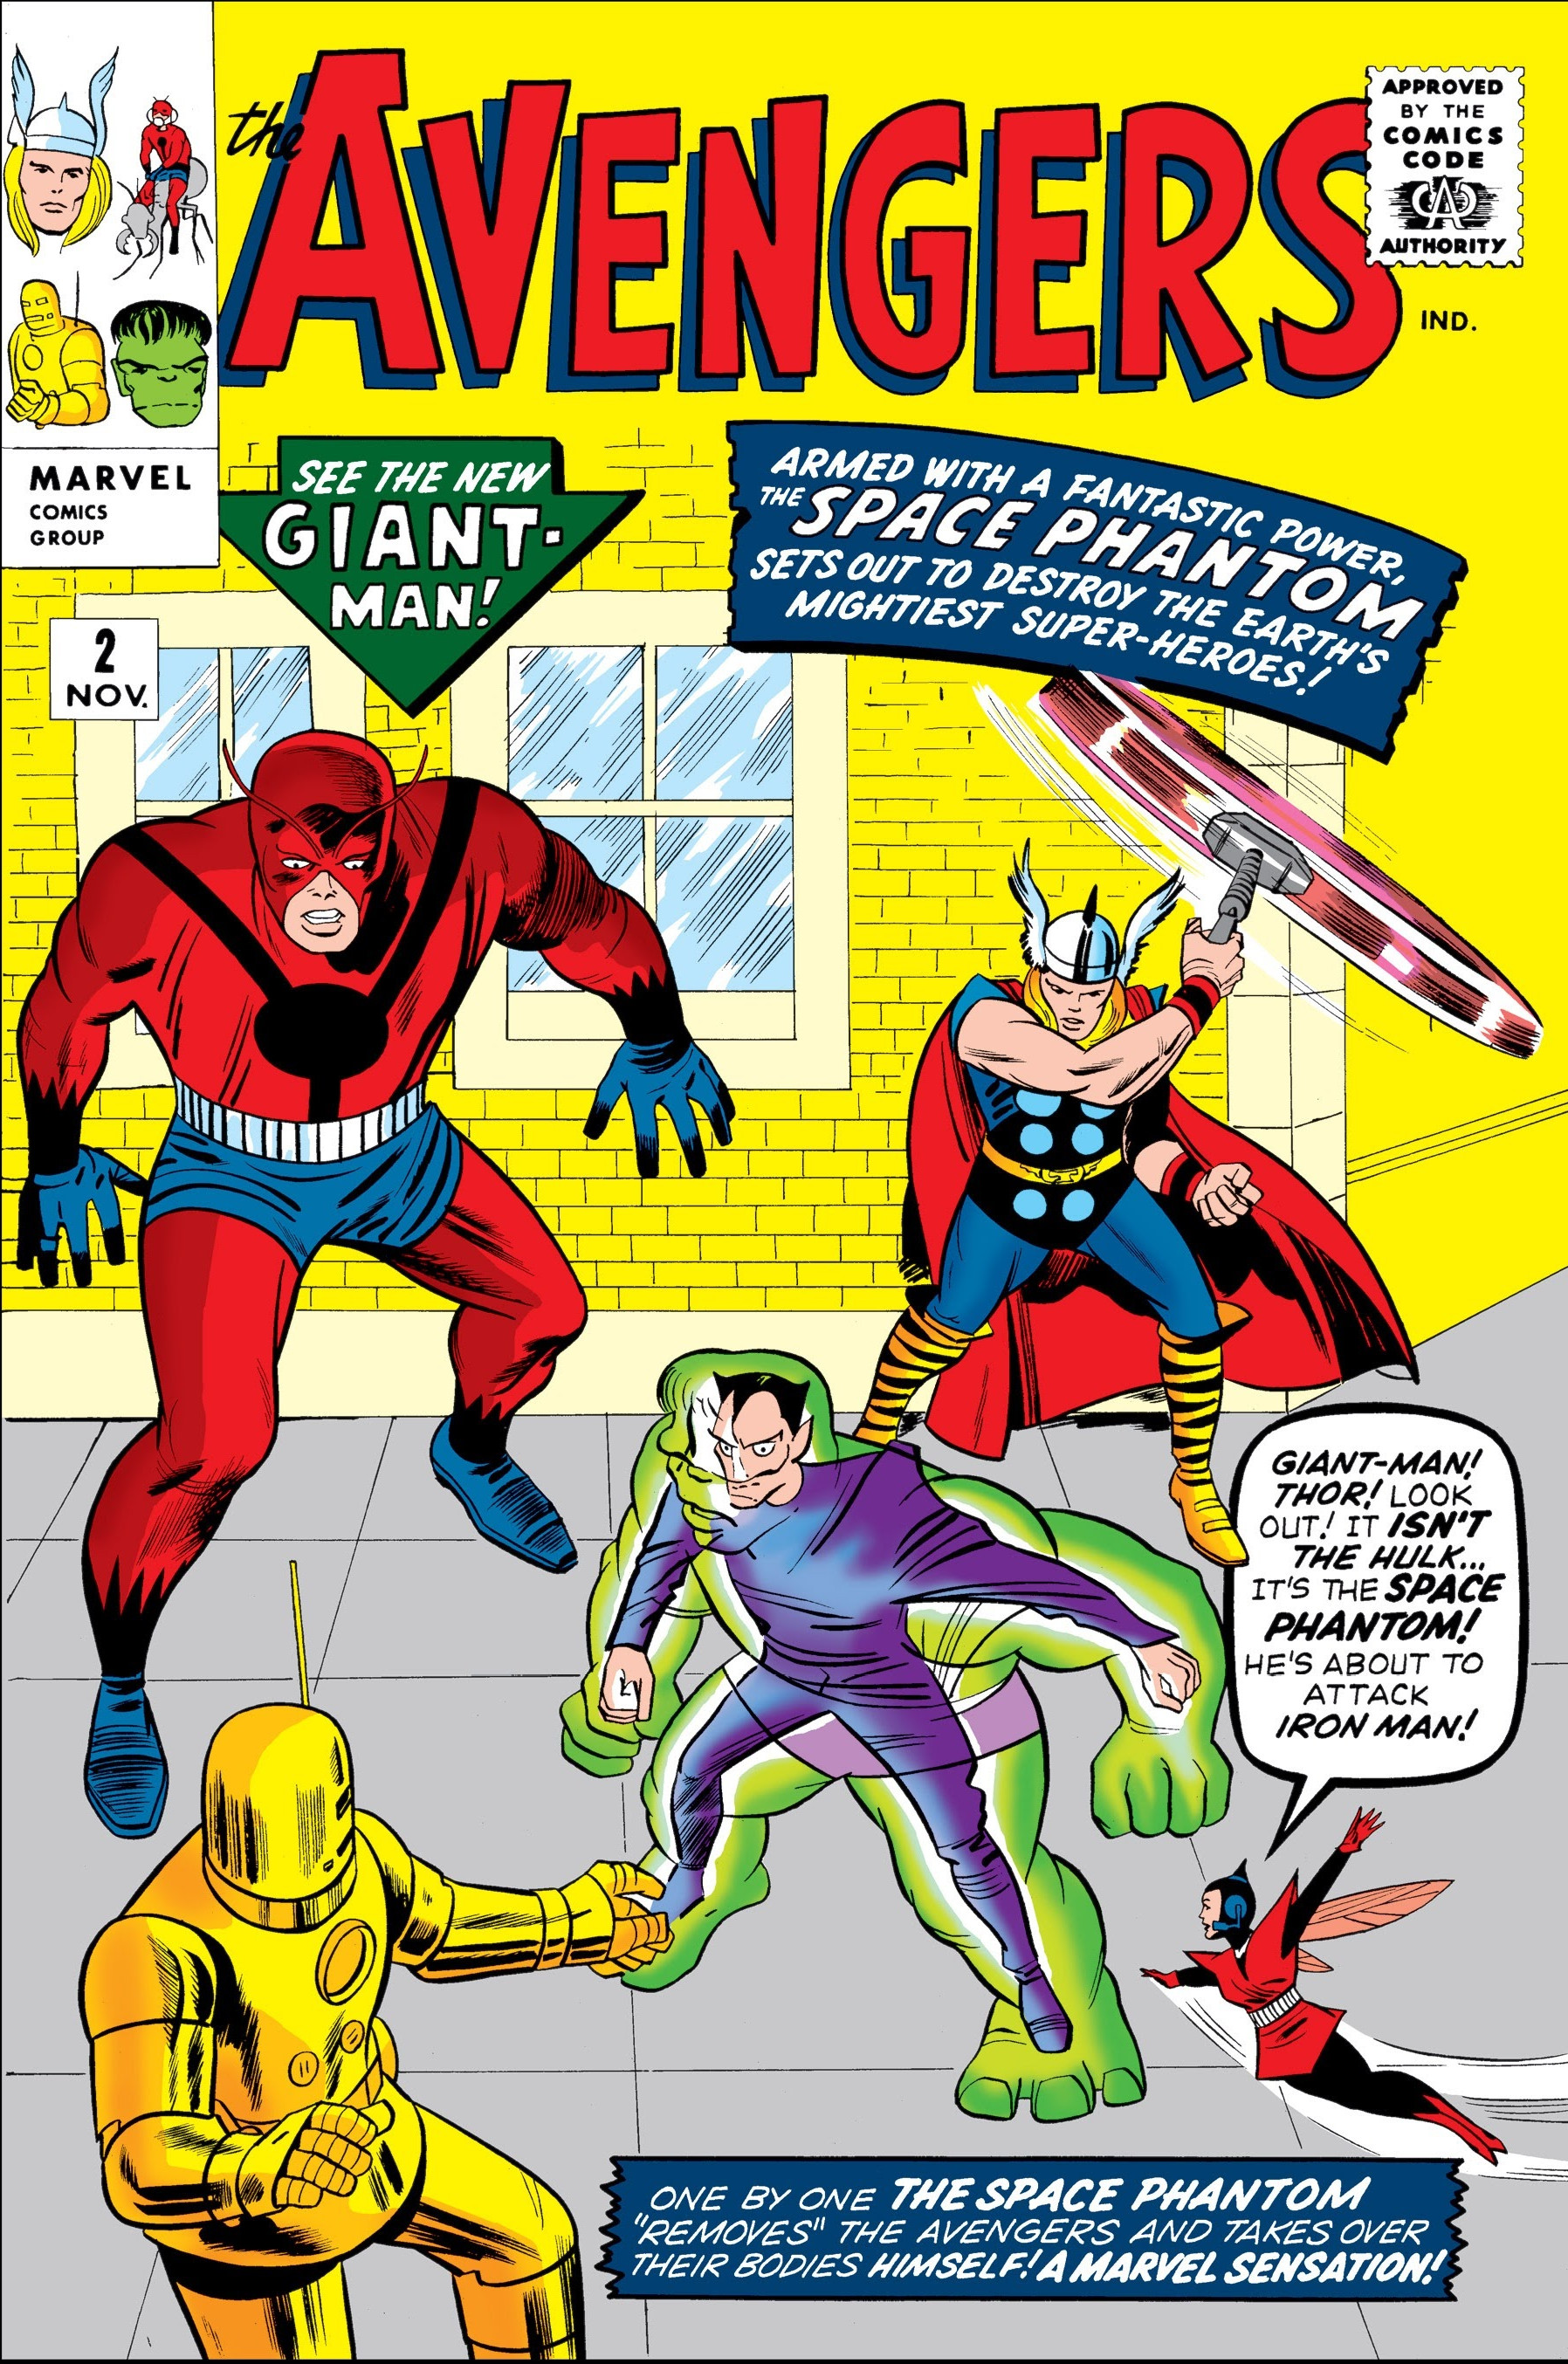 Avengers Vol 1 2.jpg